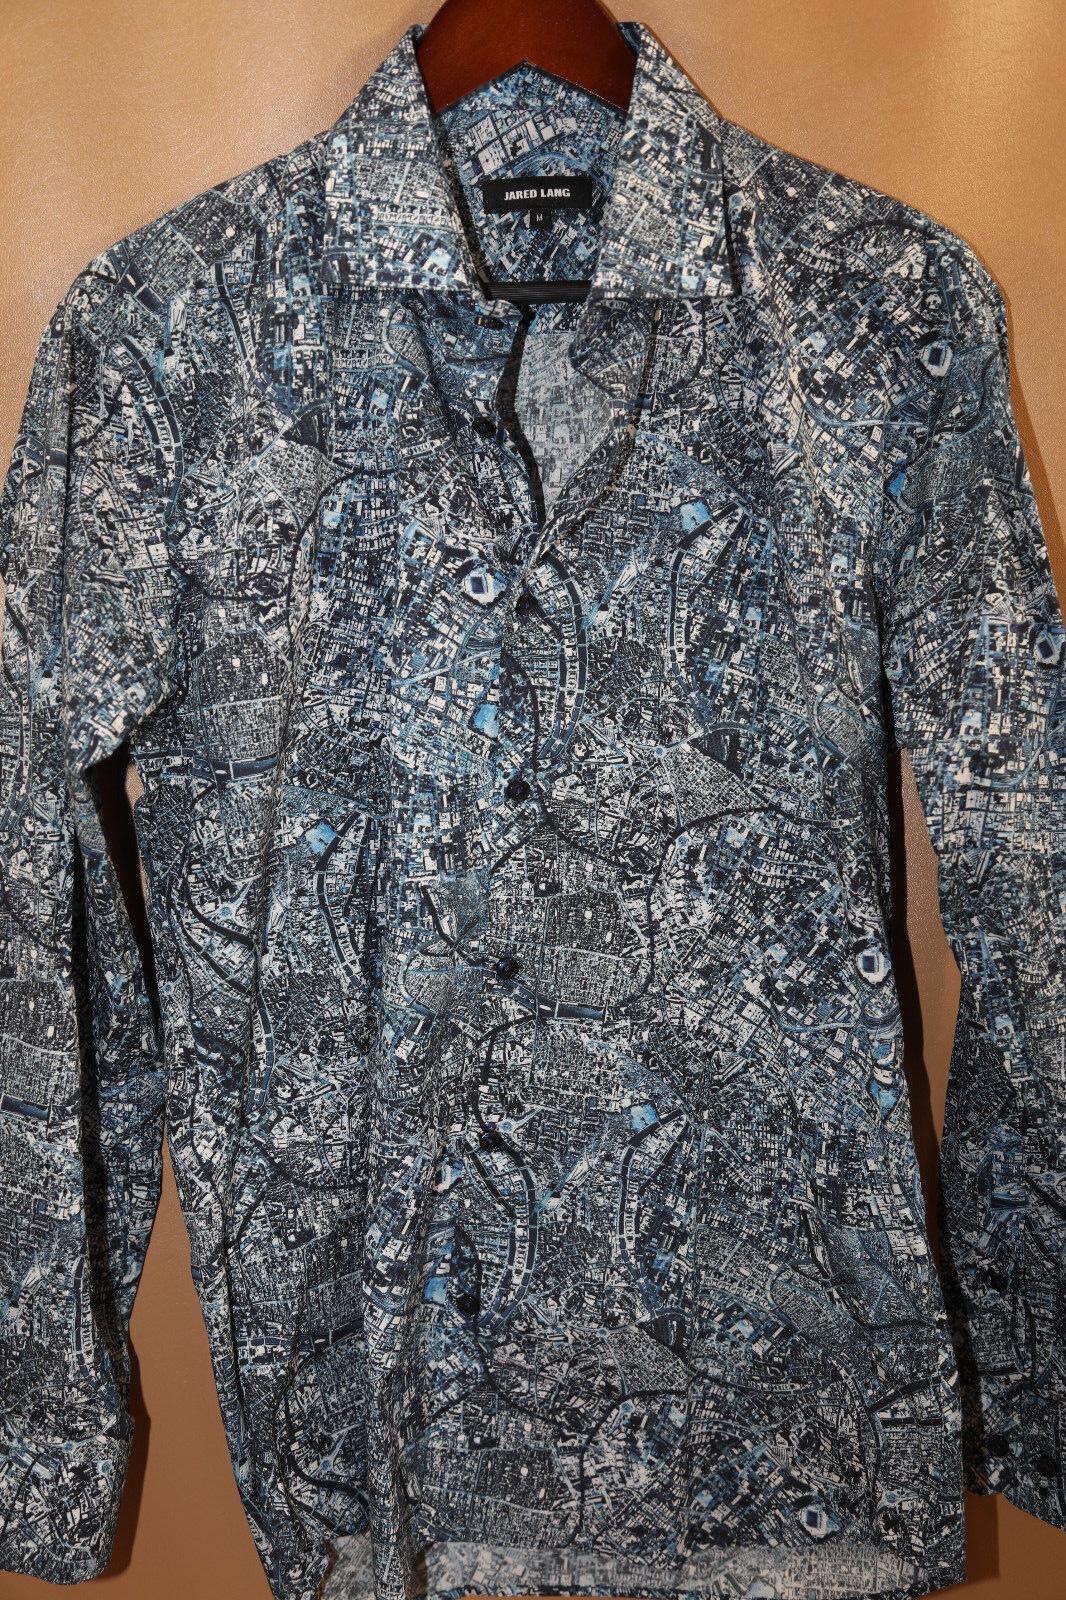 Jared Lang Paisley Sports Shirt Size M